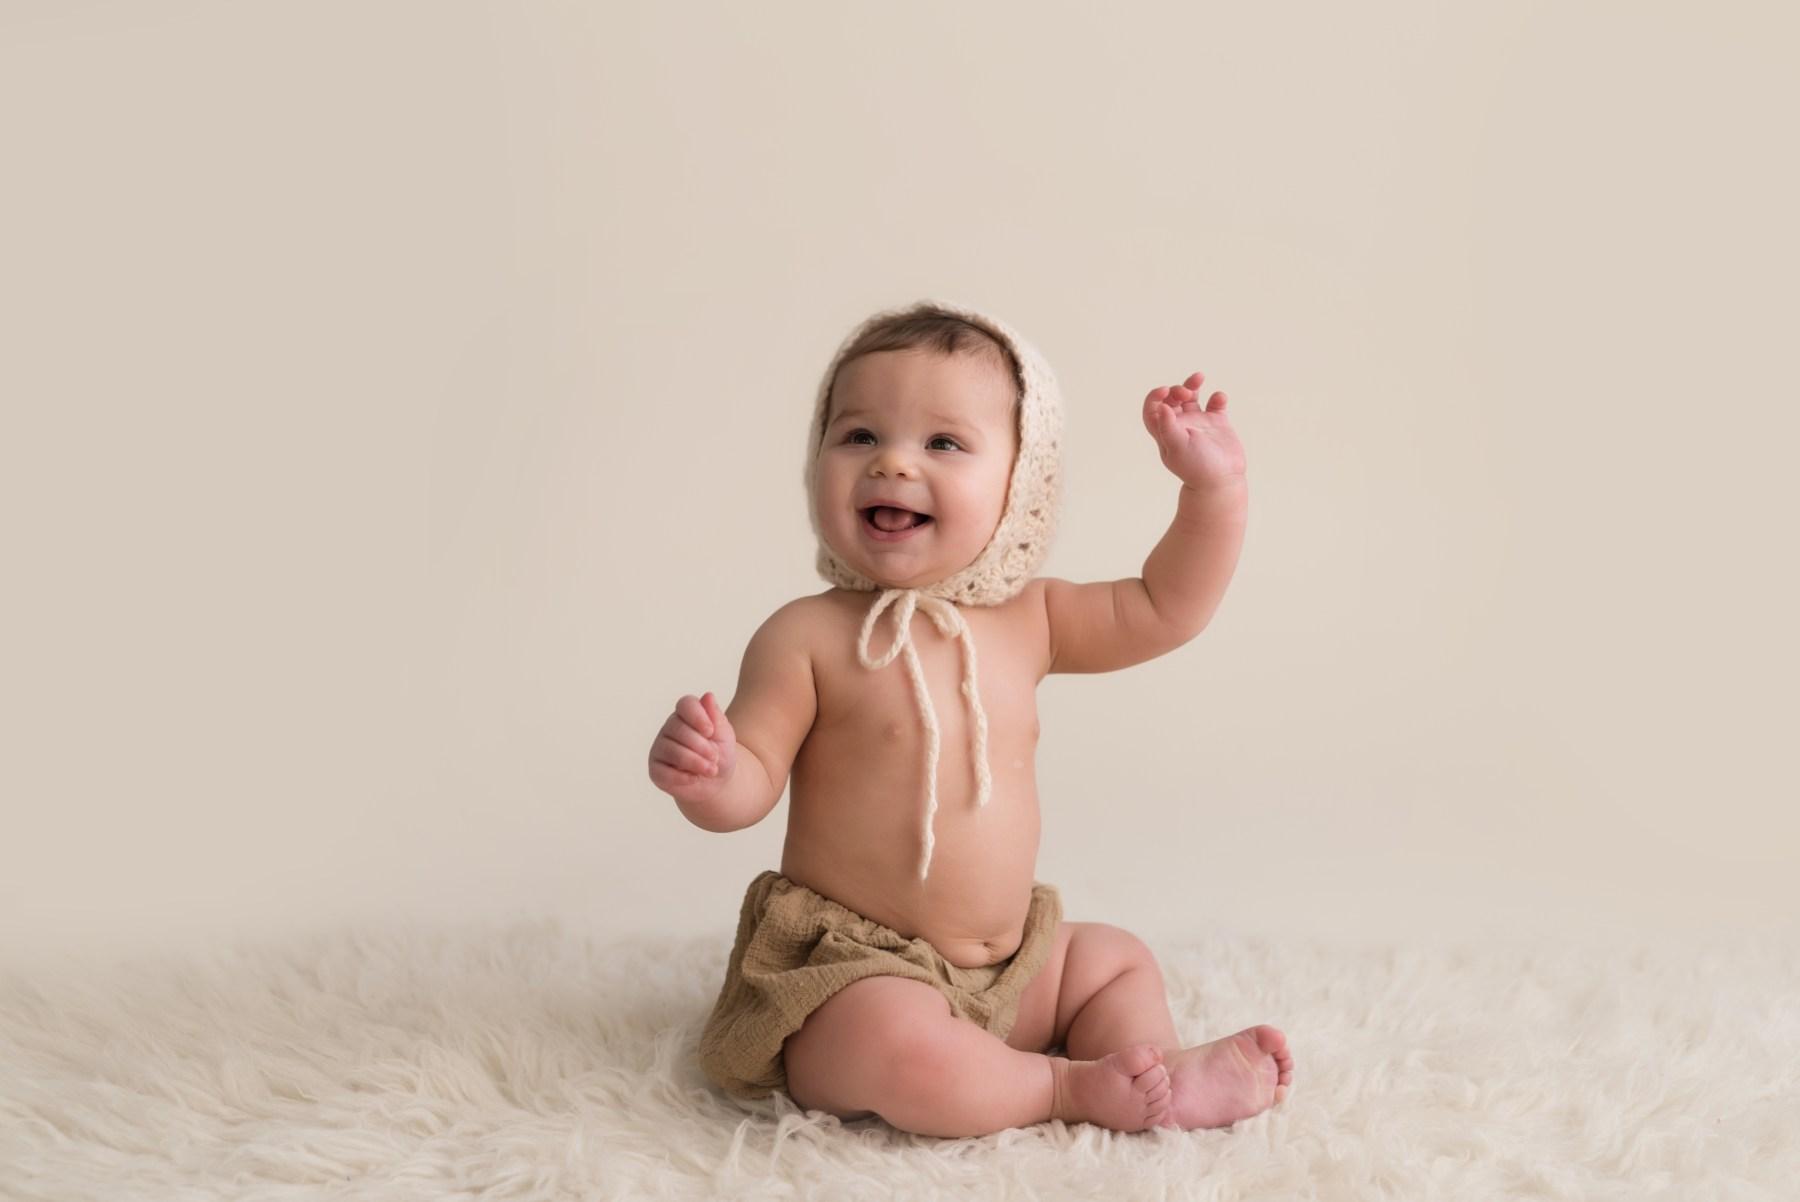 baby sitting in bonnet neutral bone tan